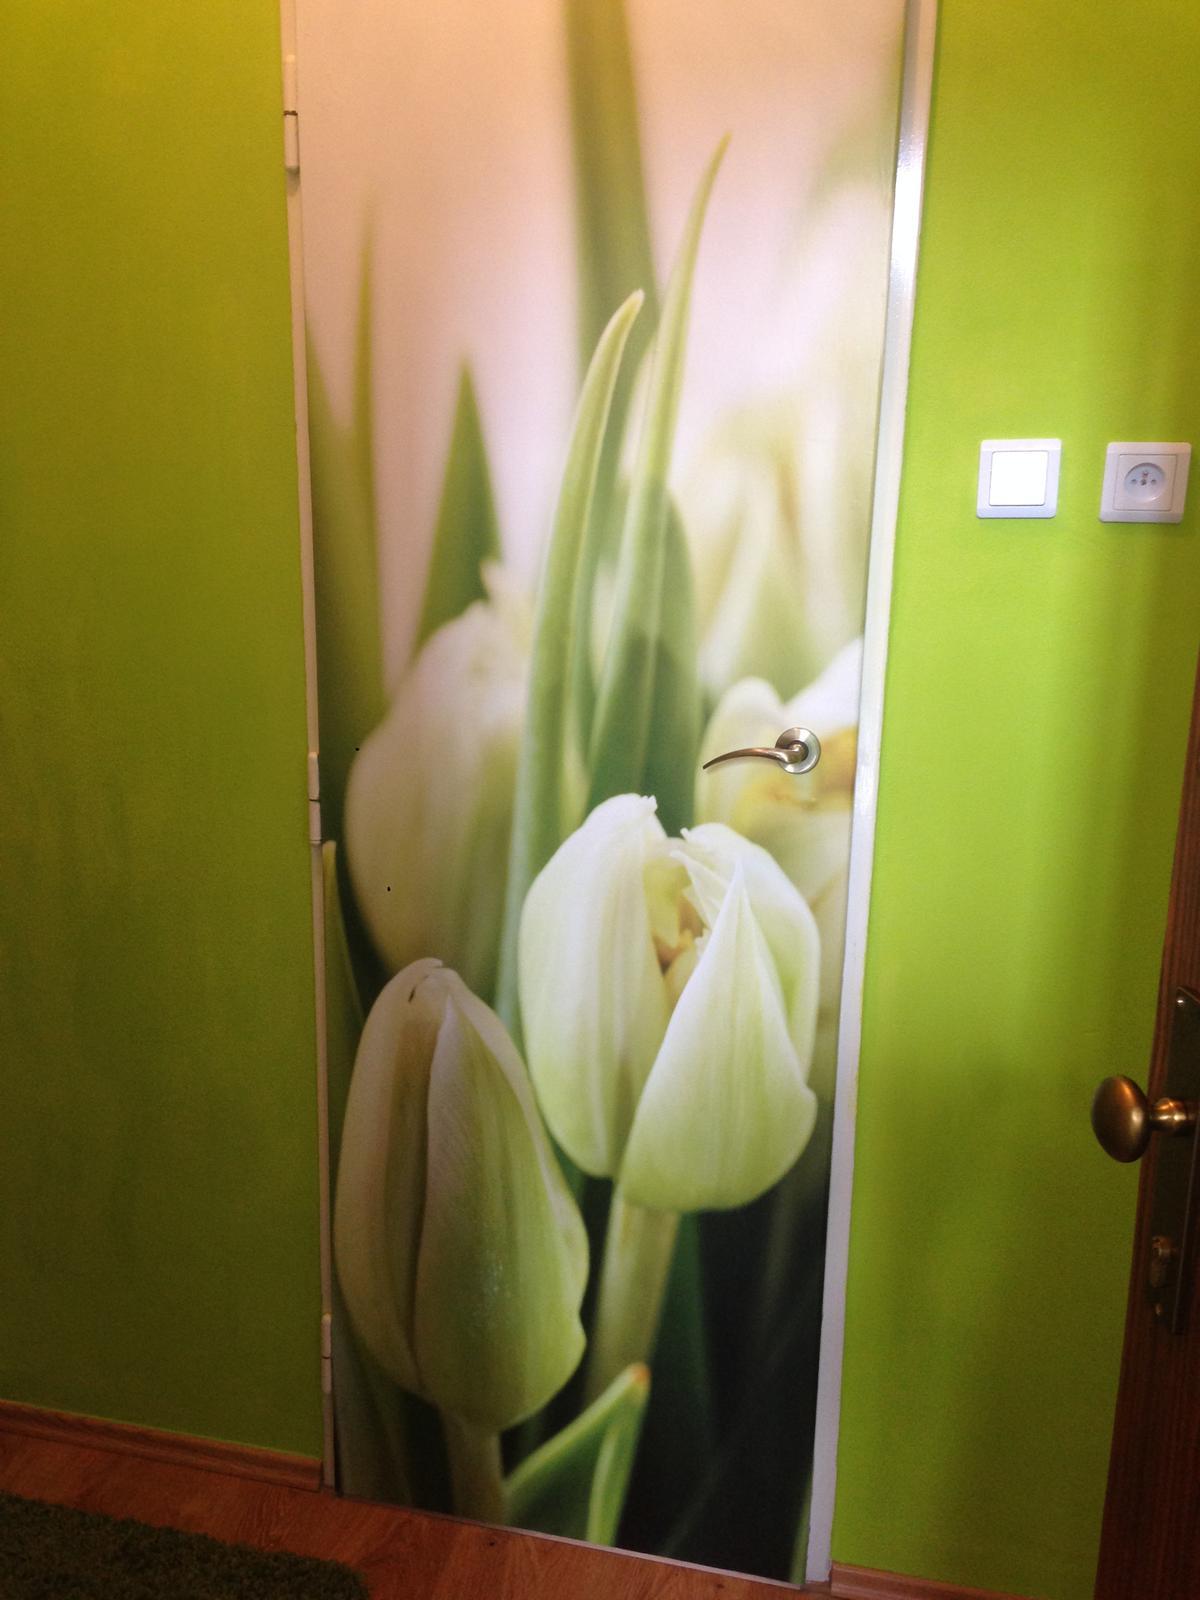 Fototapety na vestavěné skříne, nábytek, dveře - REALIZACE - Obrázek č. 45